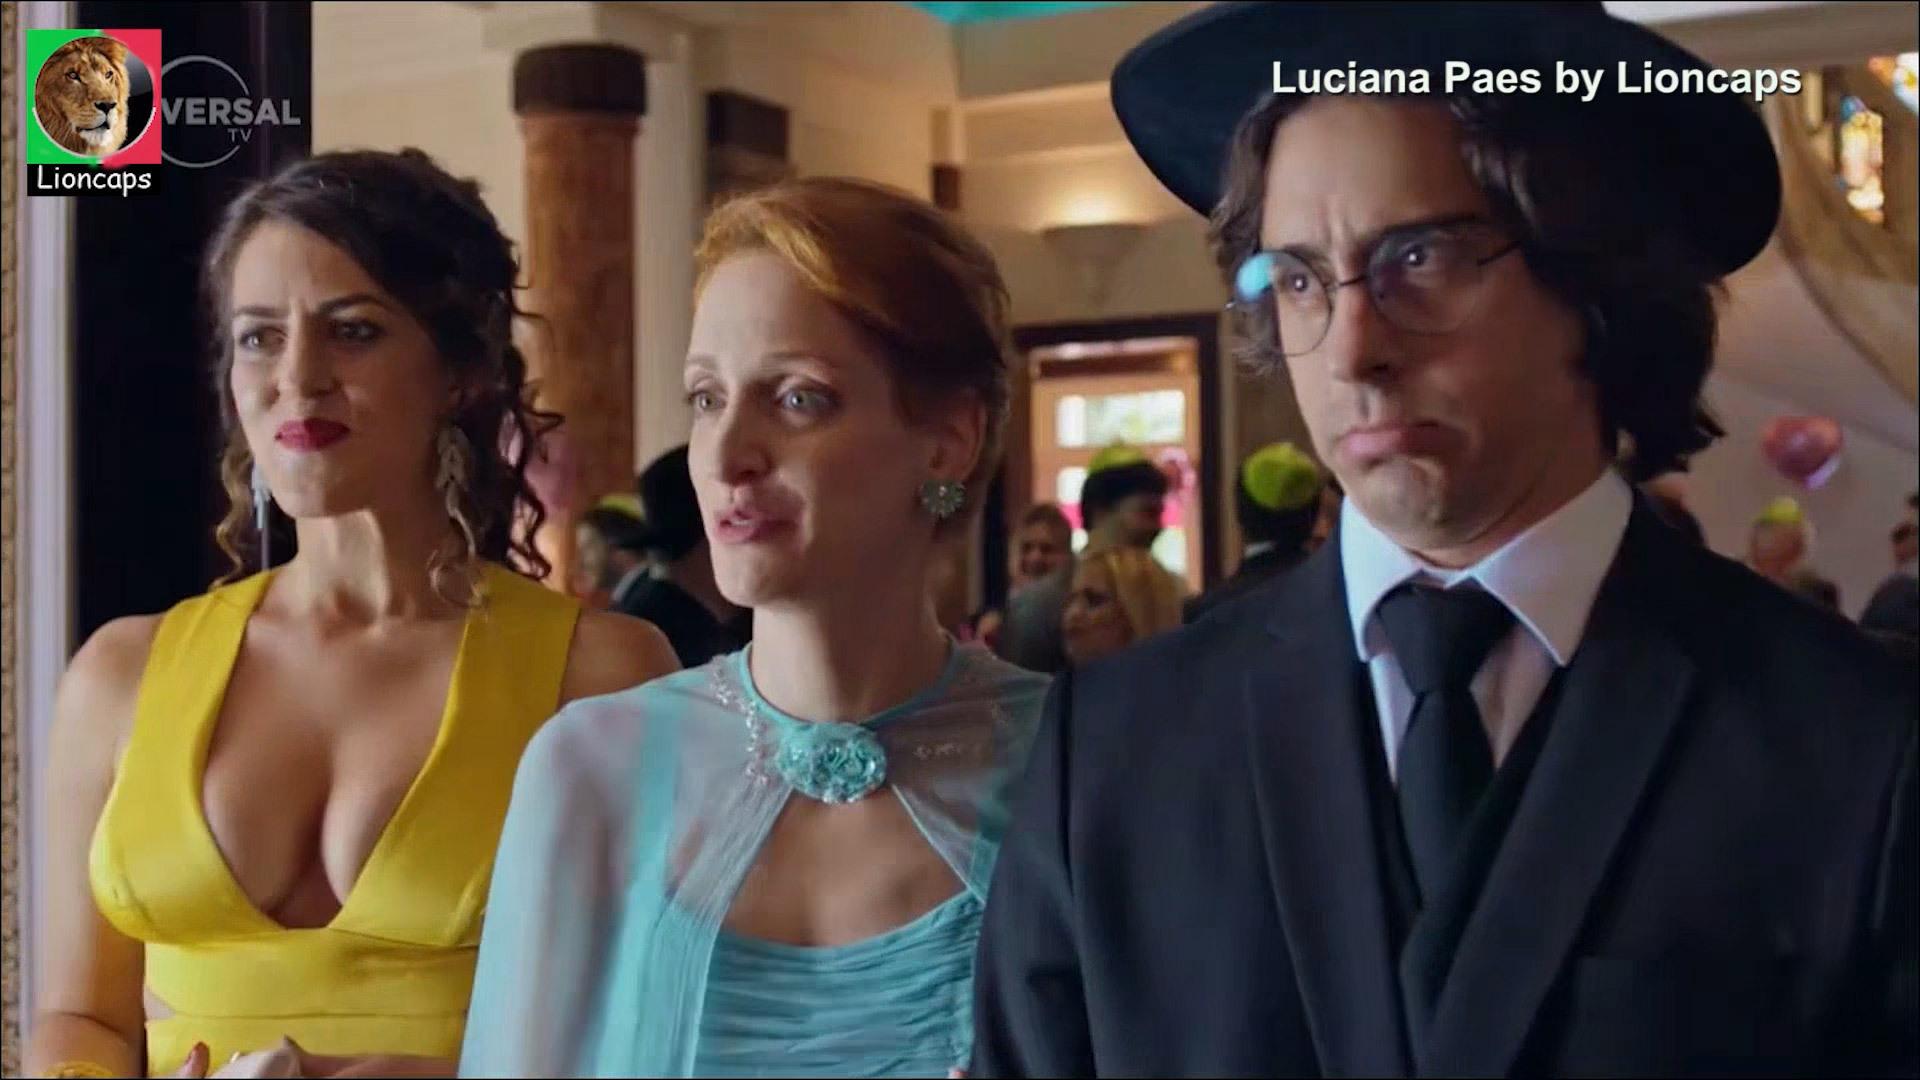 luciana_paes_amigo_aluguel_lioncaps_04_10_2020 (1).jpg